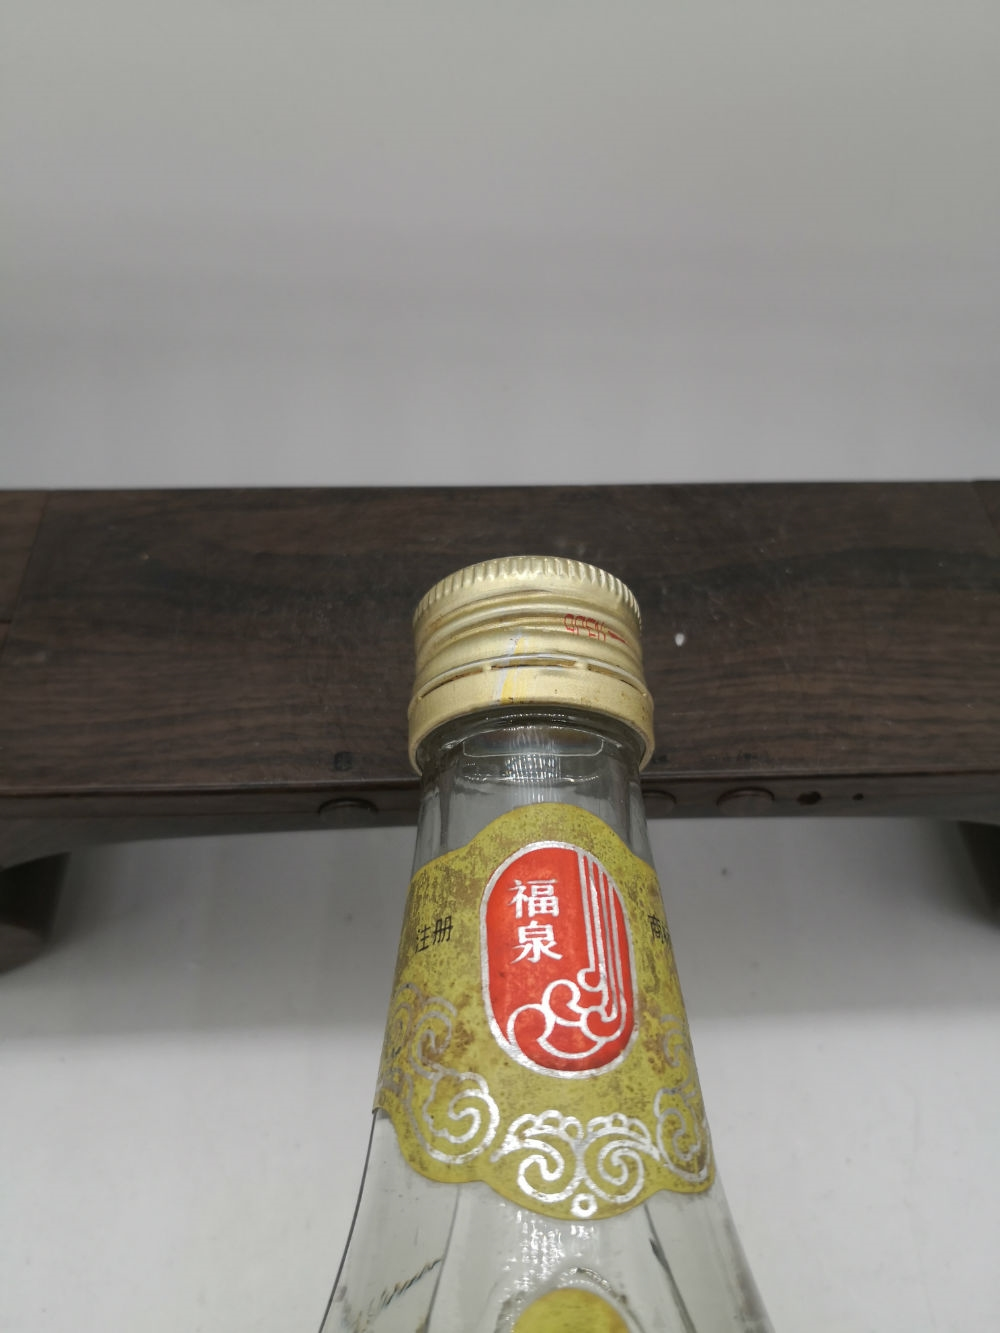 贵州名酒【福泉酒】黄标